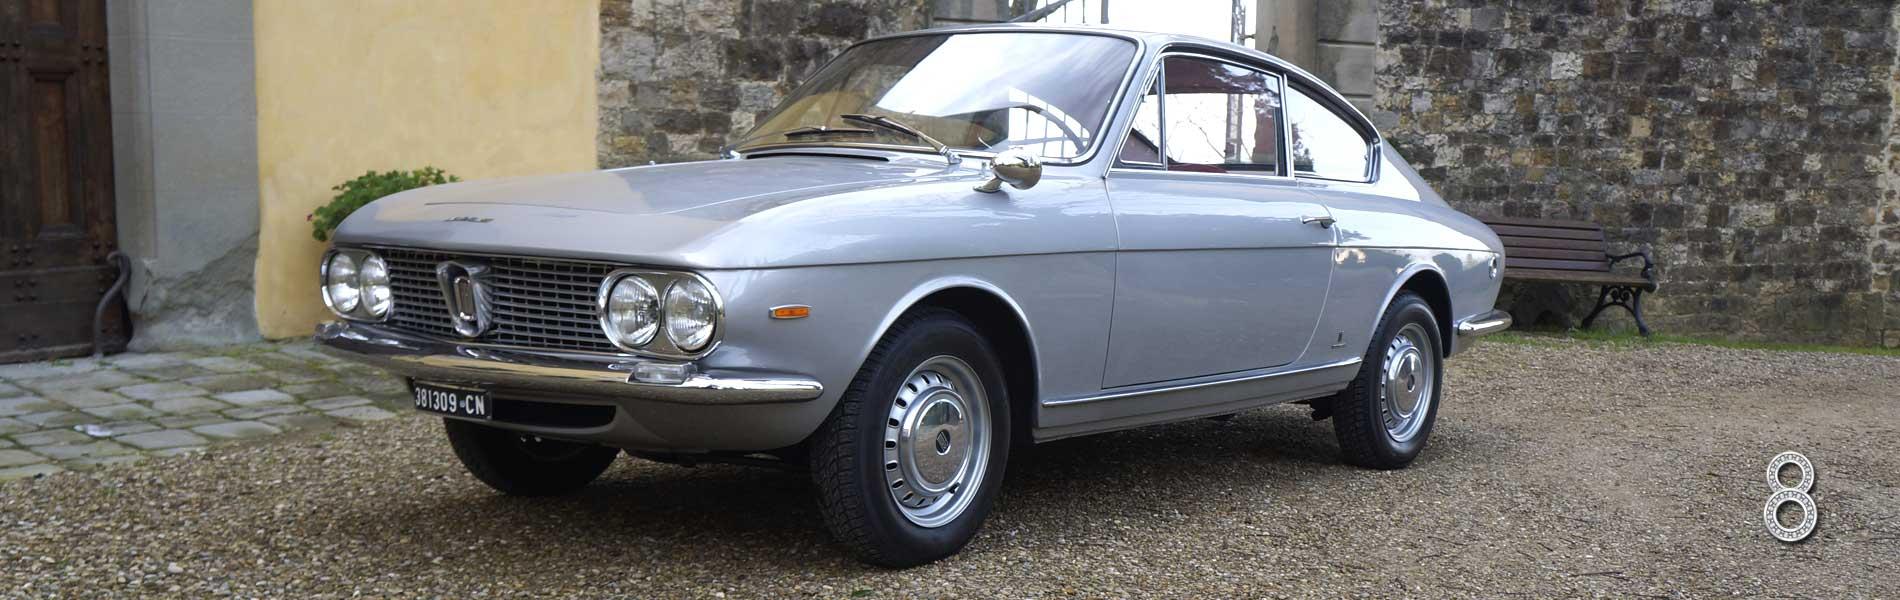 Fiat 1300 S Coupé Vignale